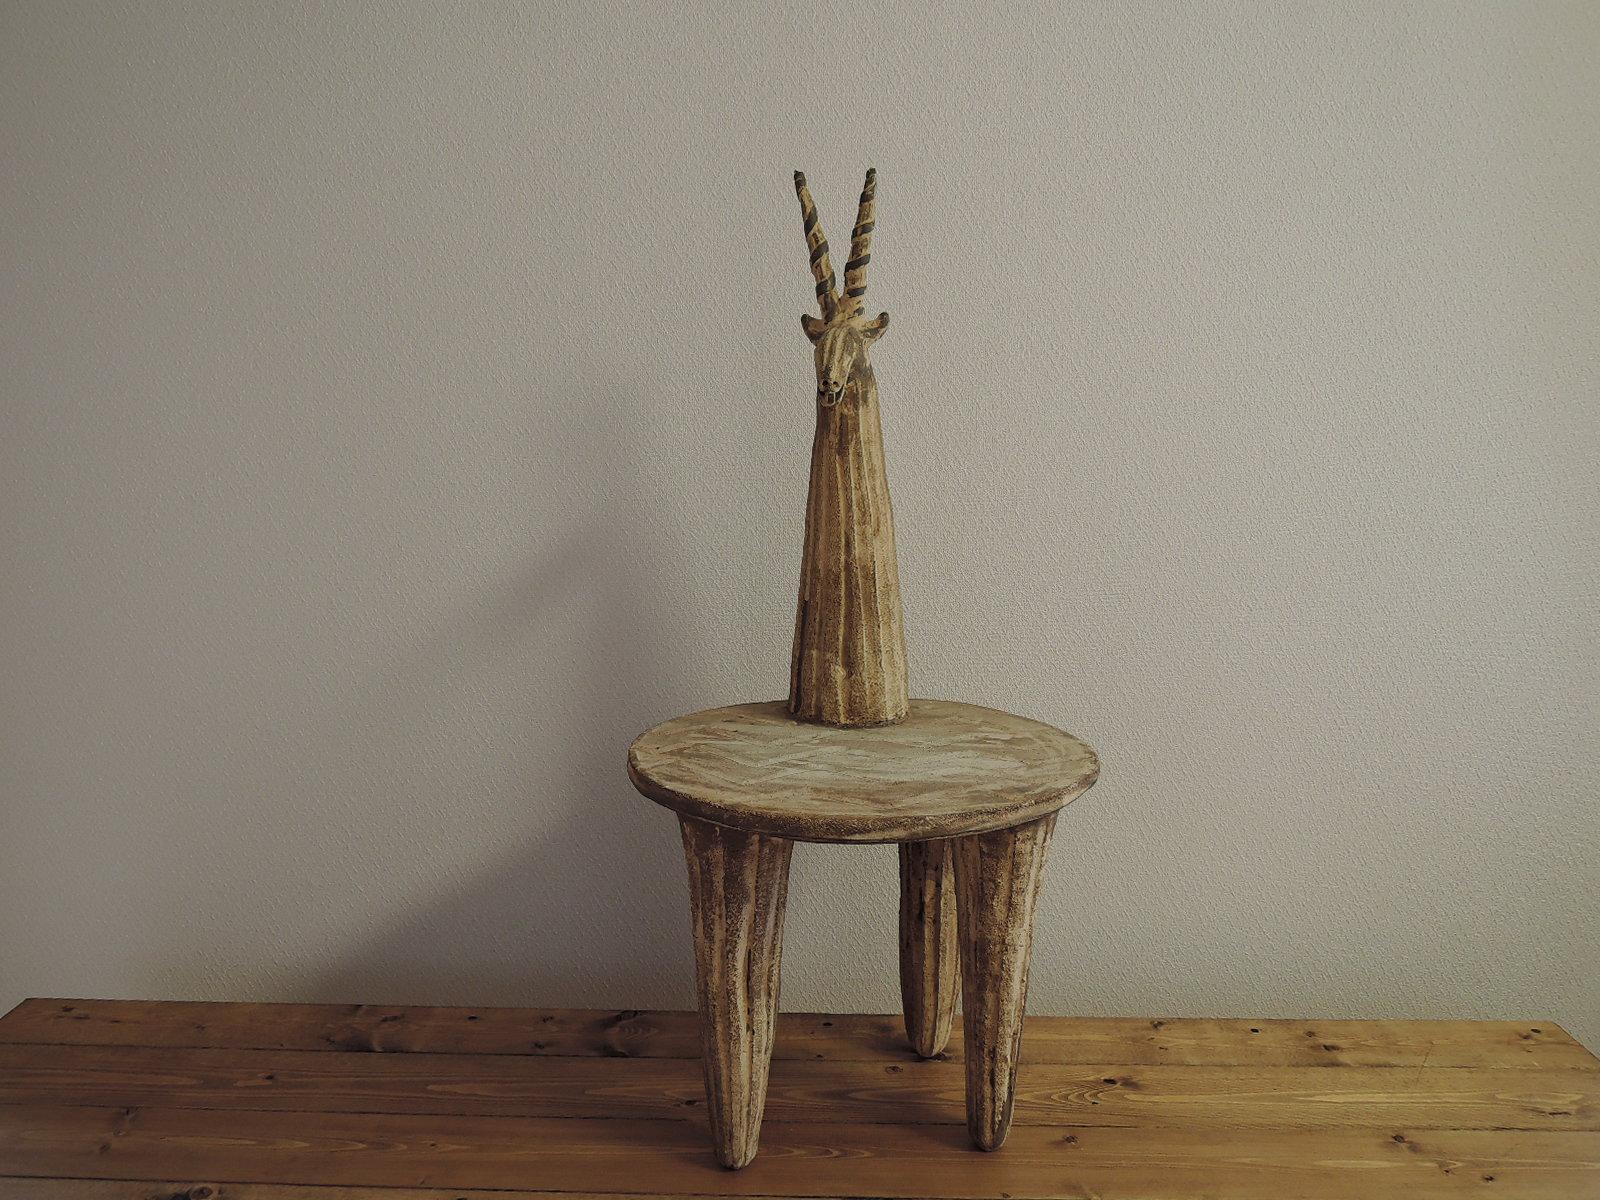 おぬきなつさん トムソンガゼルの椅子